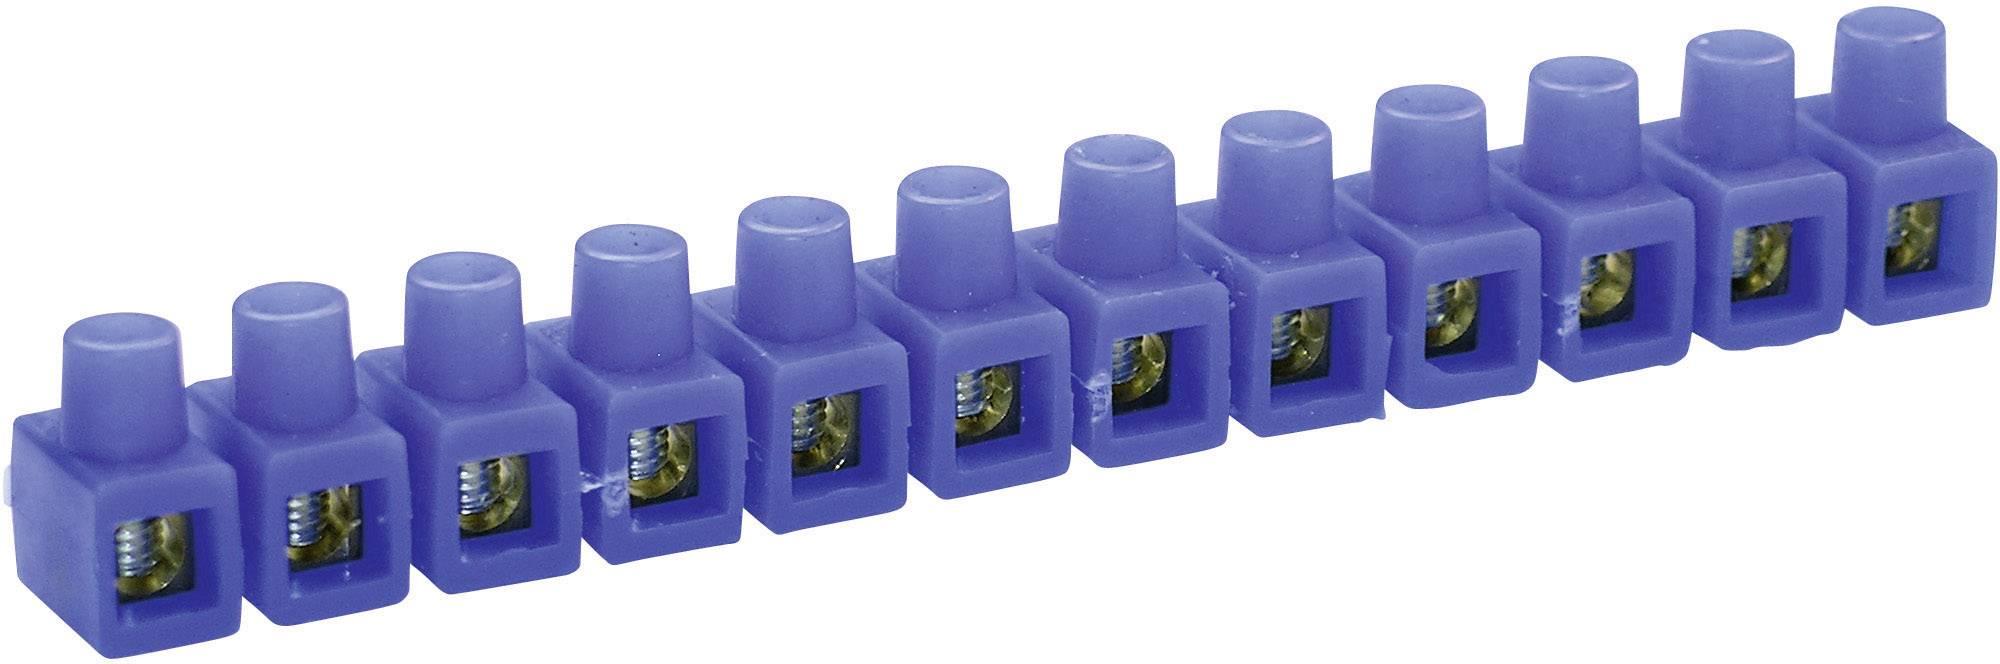 Krabicová svorka Kaiser 663/bl na kábel s rozmerom 2.5-6 mm², tuhosť 2.5-6 mm², počet pinov 12, 1 ks, modrá